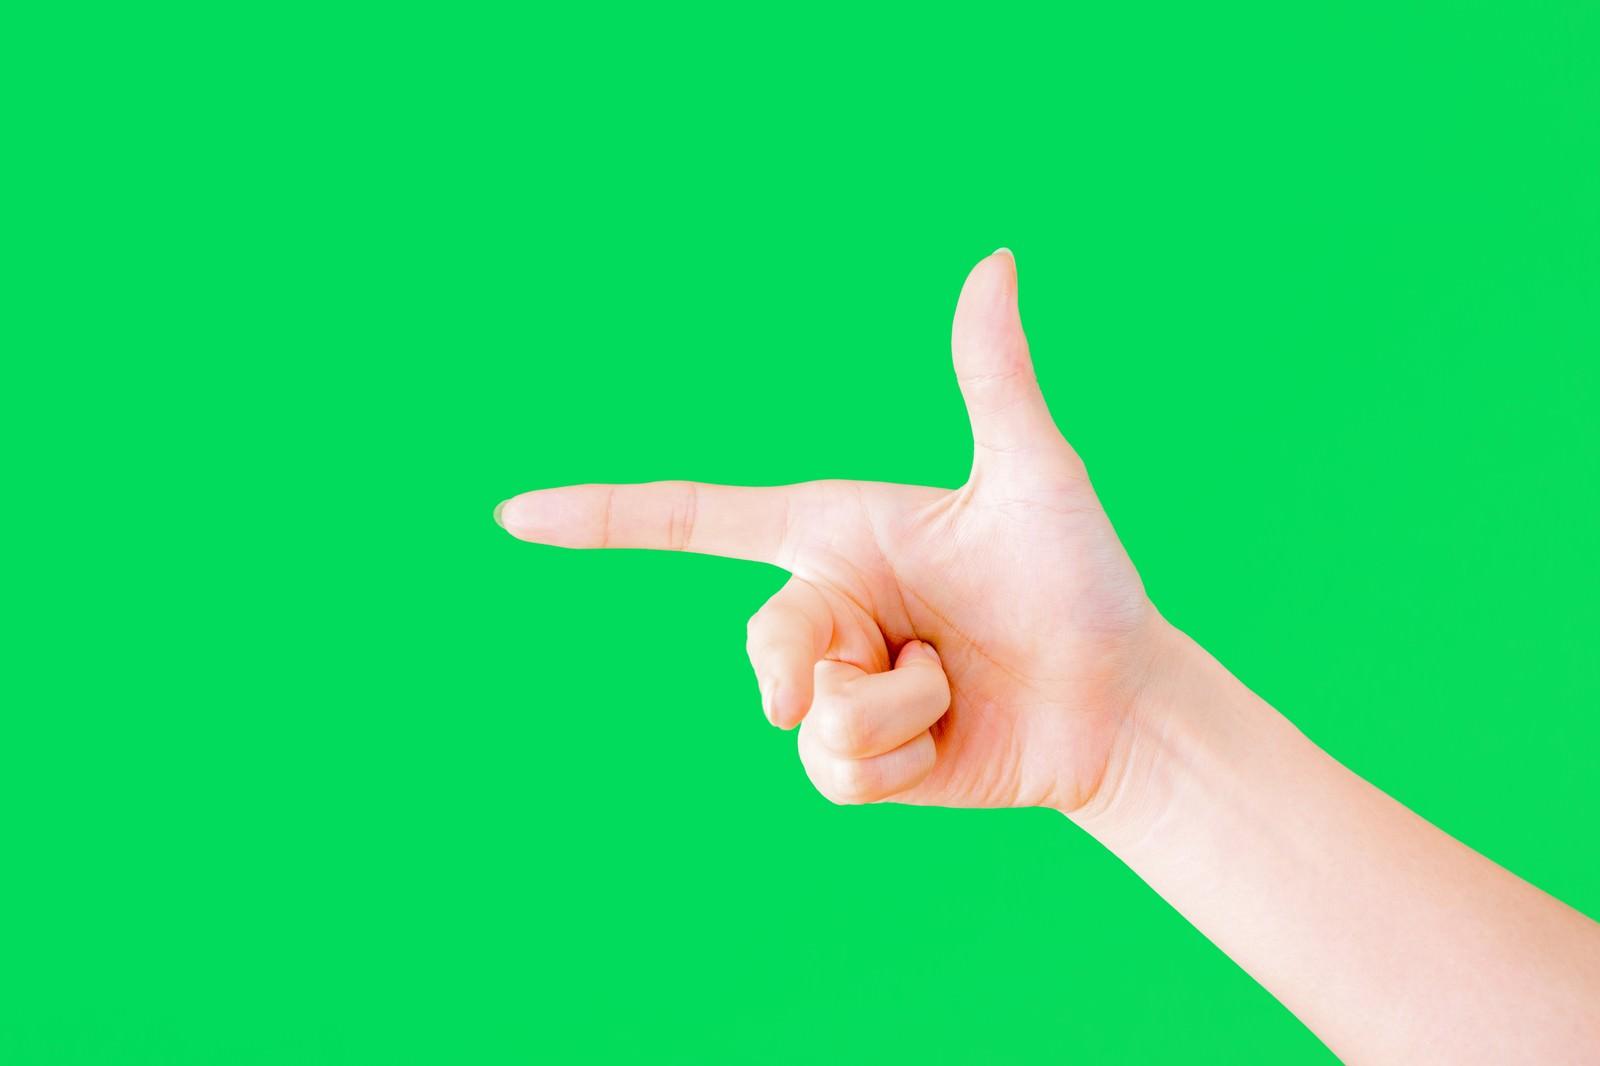 「フレミングの右手の法則(グリーンバック)」の写真[モデル:MOA]